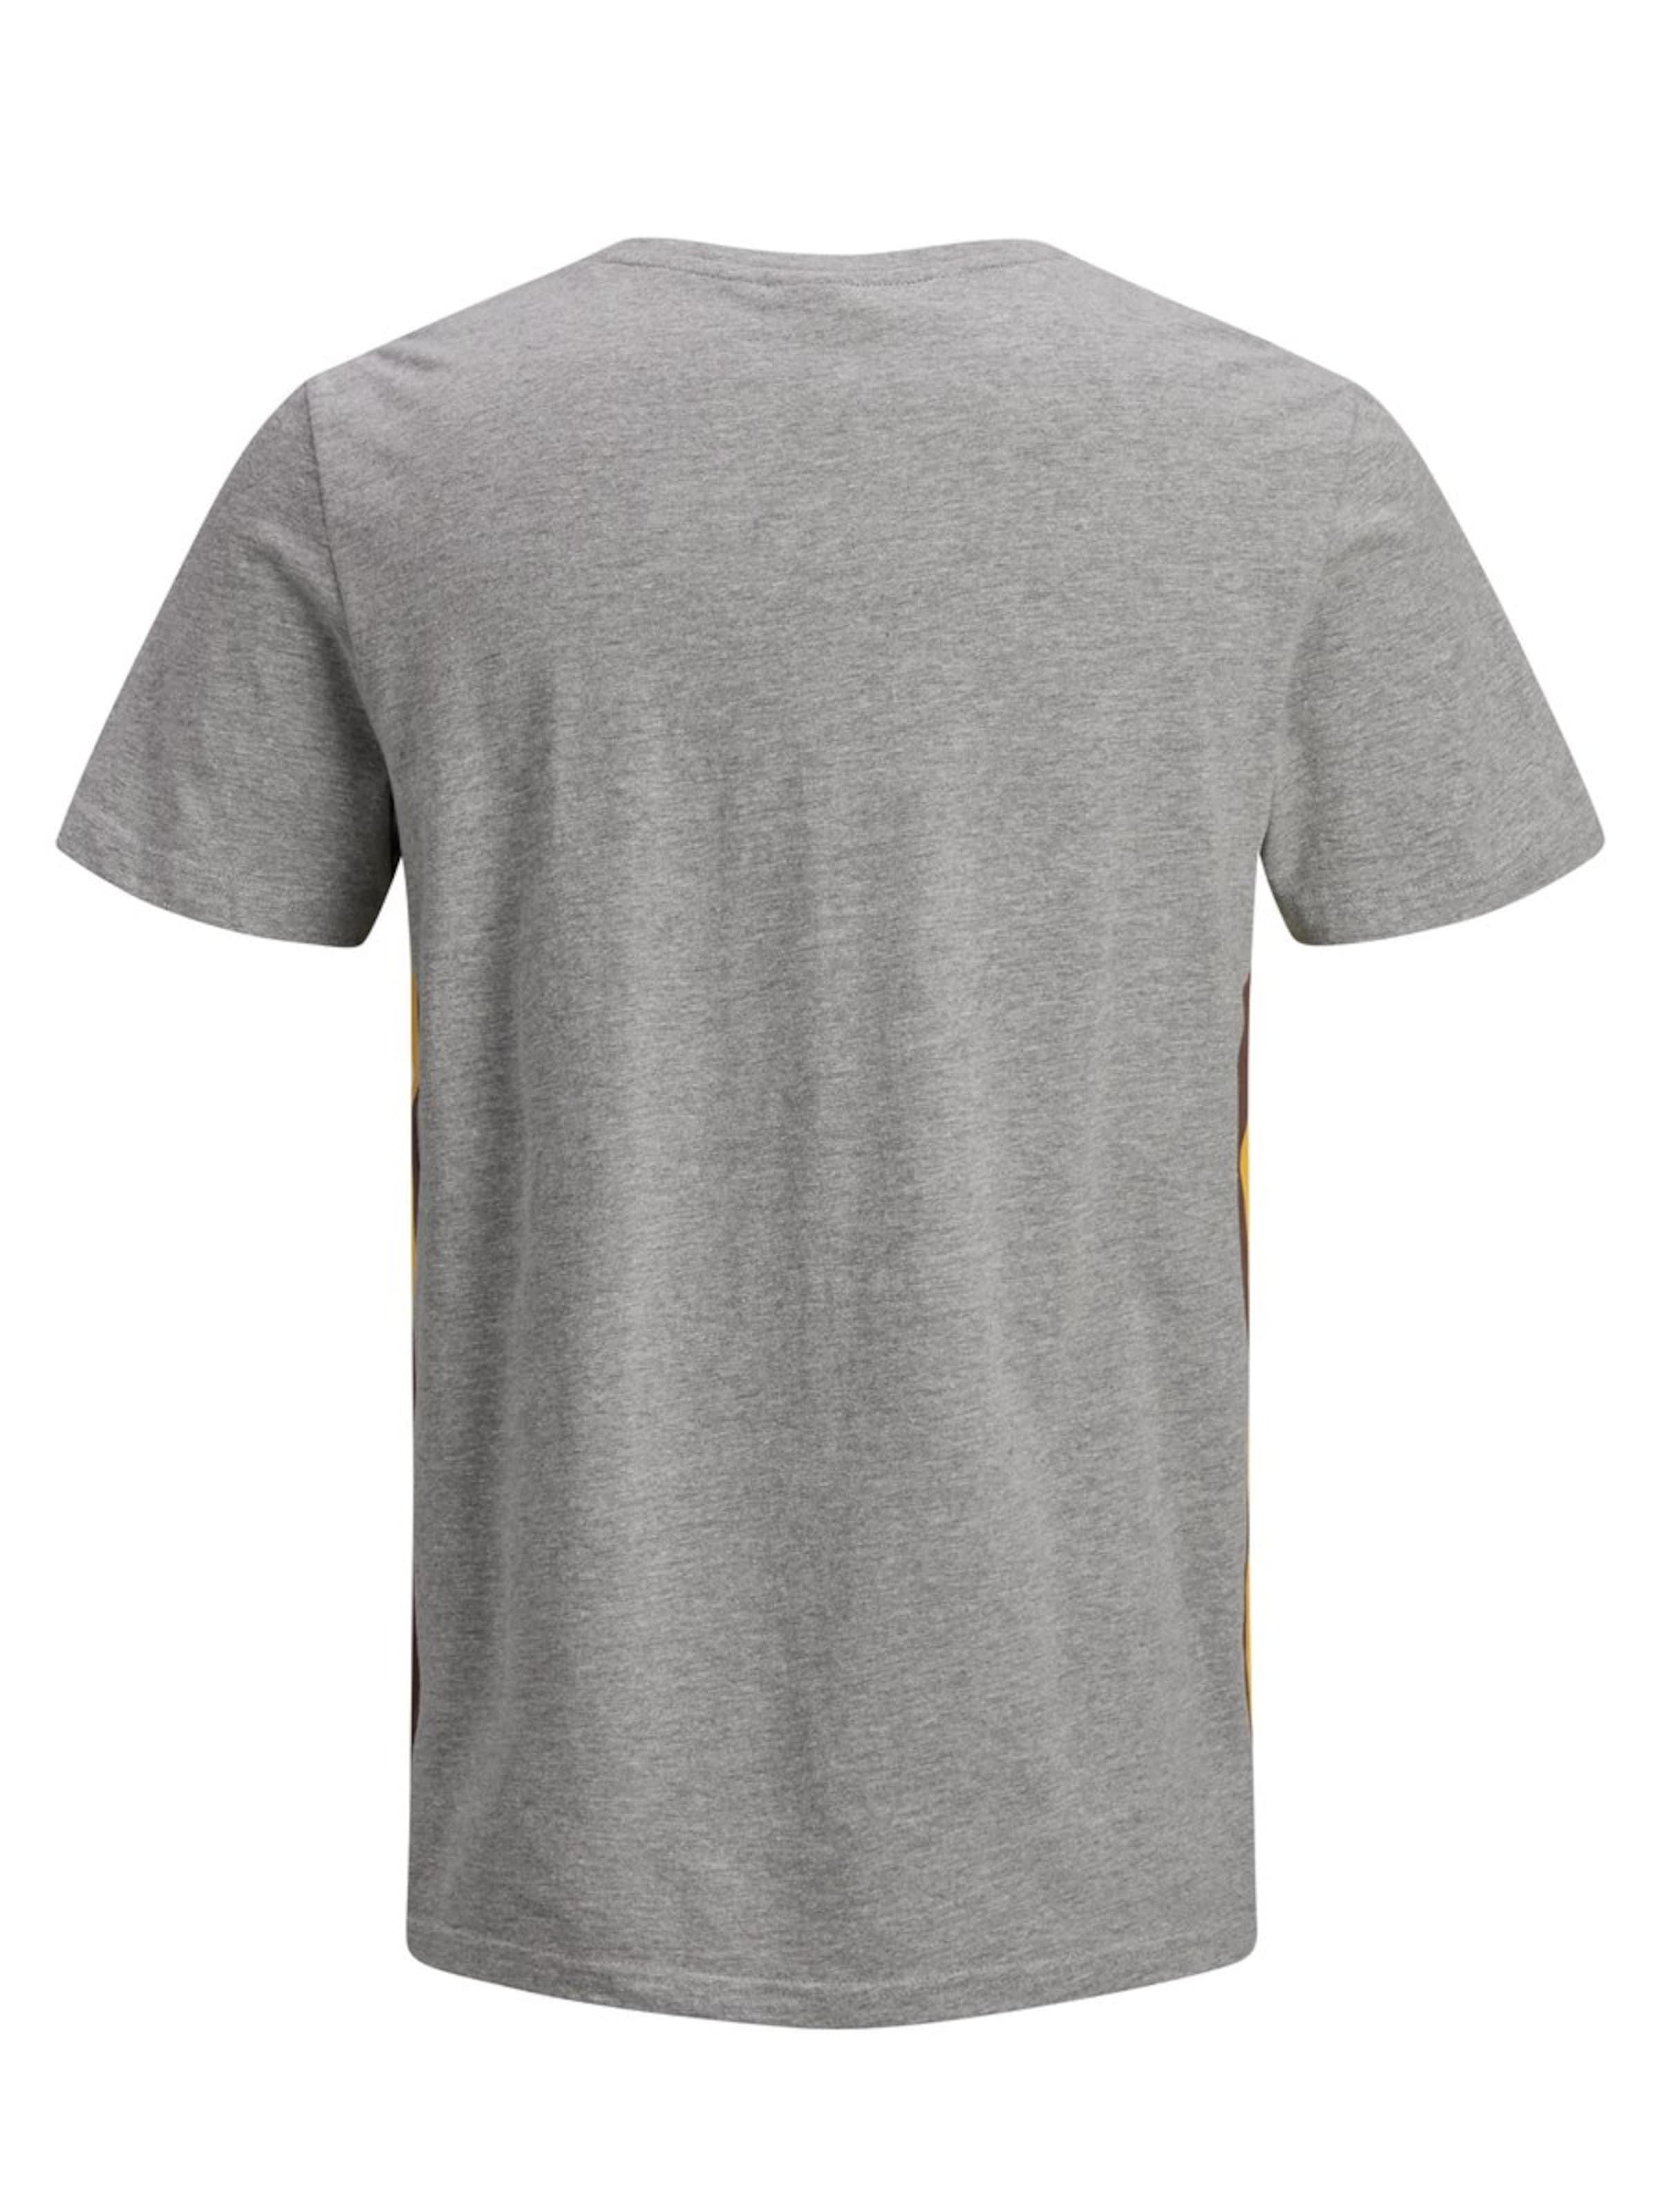 De Couleurs Gris Jones En T shirt ChinéMélange Jackamp; 7yYb6fg